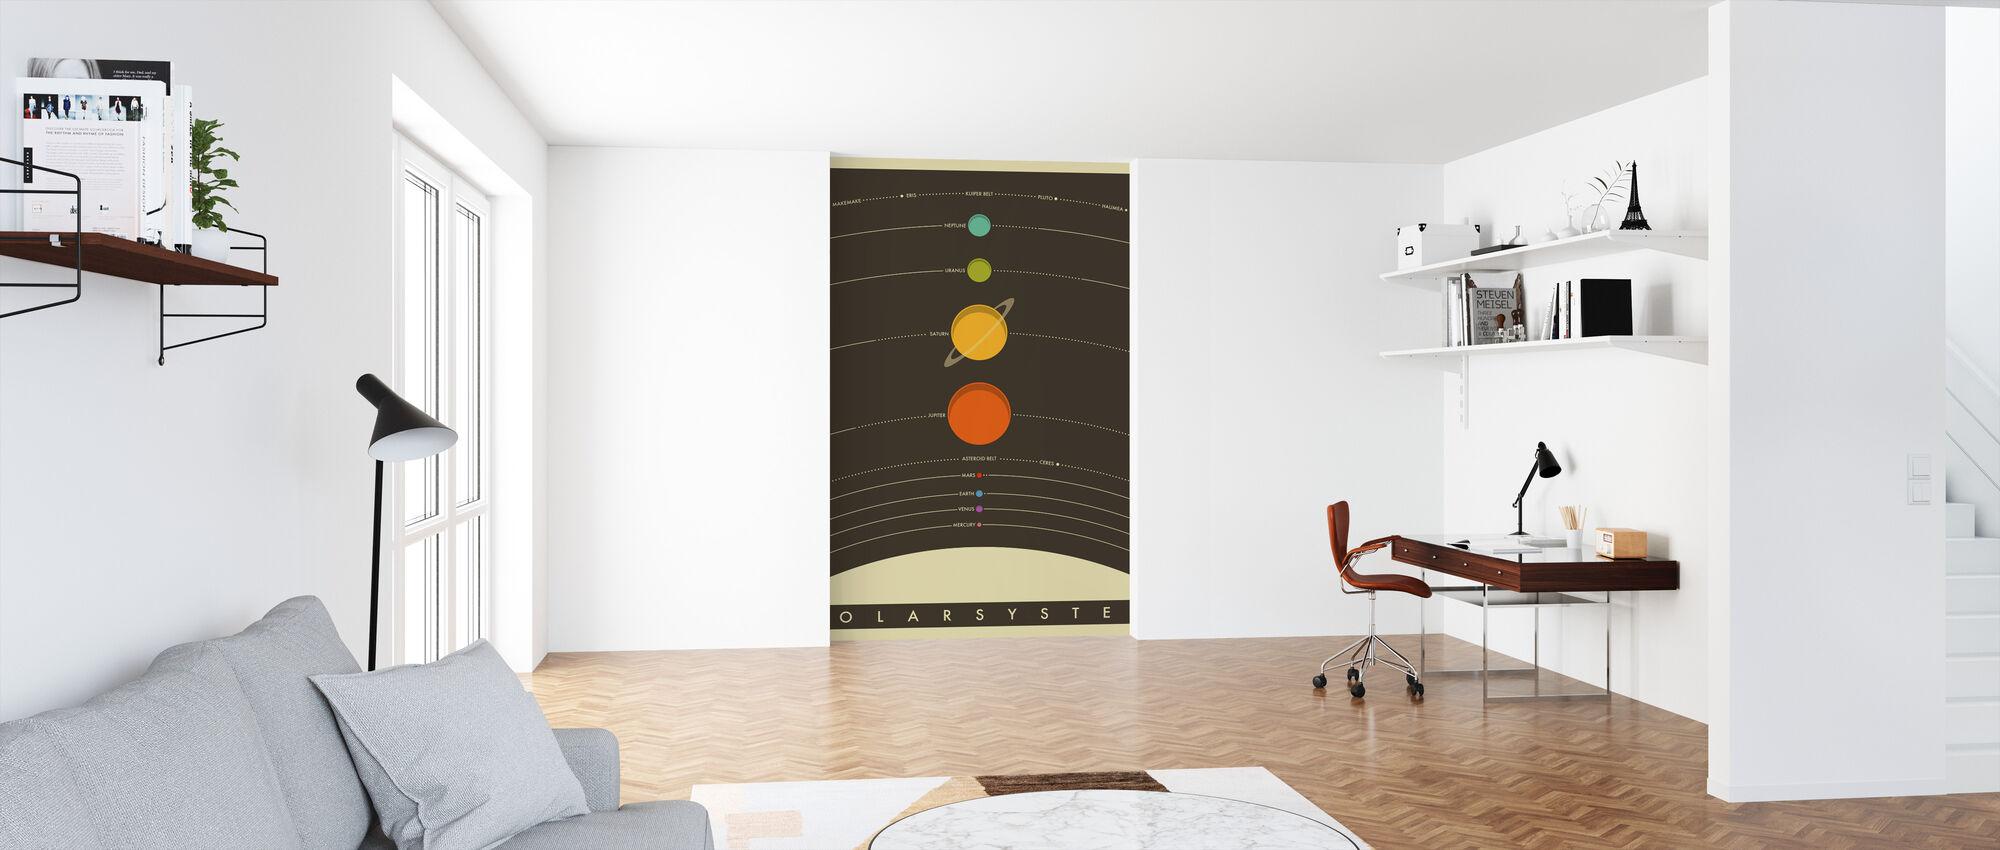 Solsystem - Brun - Tapet - Kontor